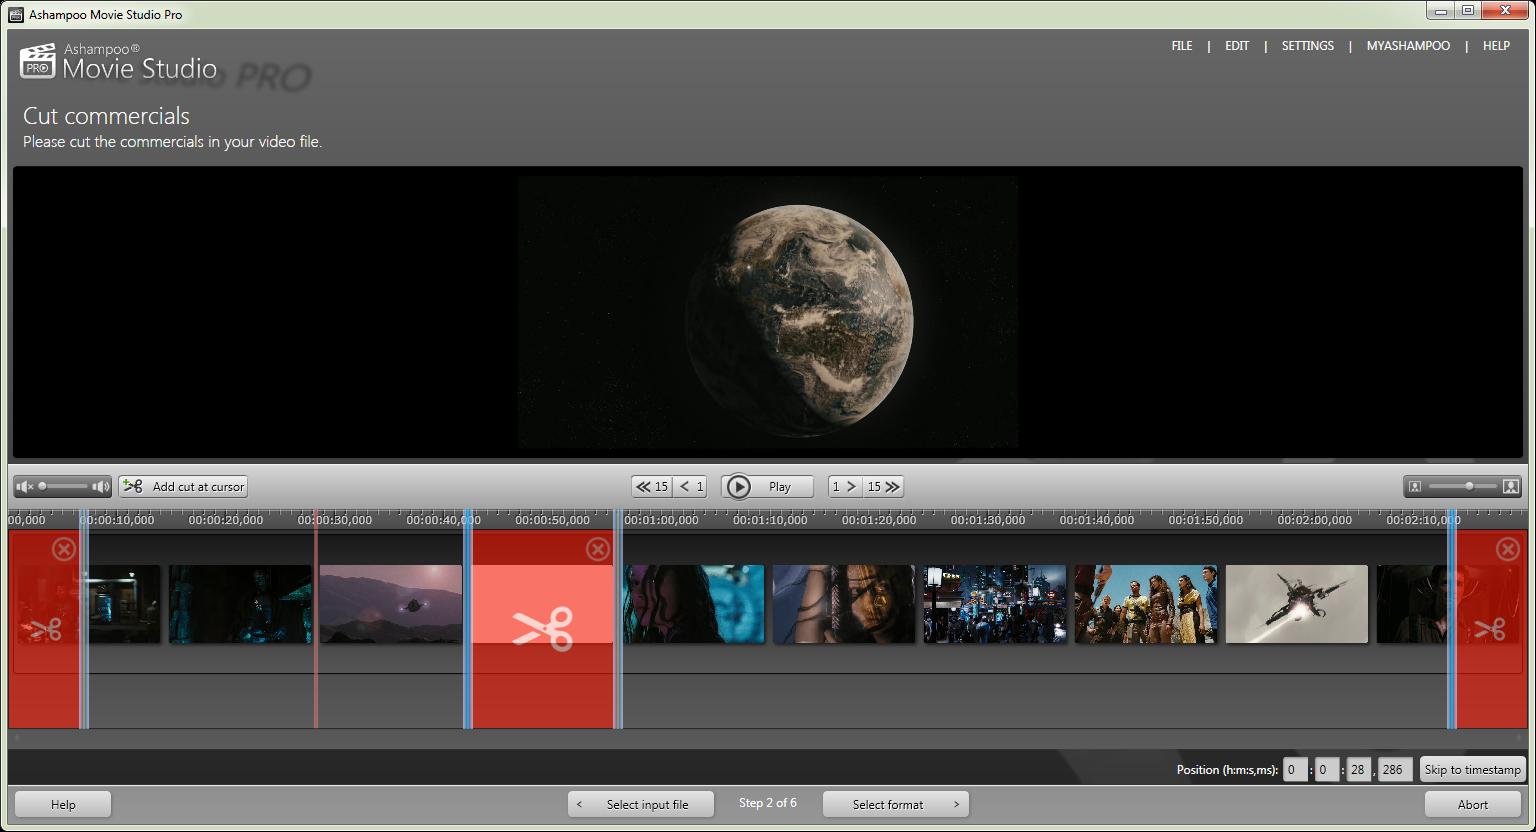 Ashampoo Movie Studio Pro截图3